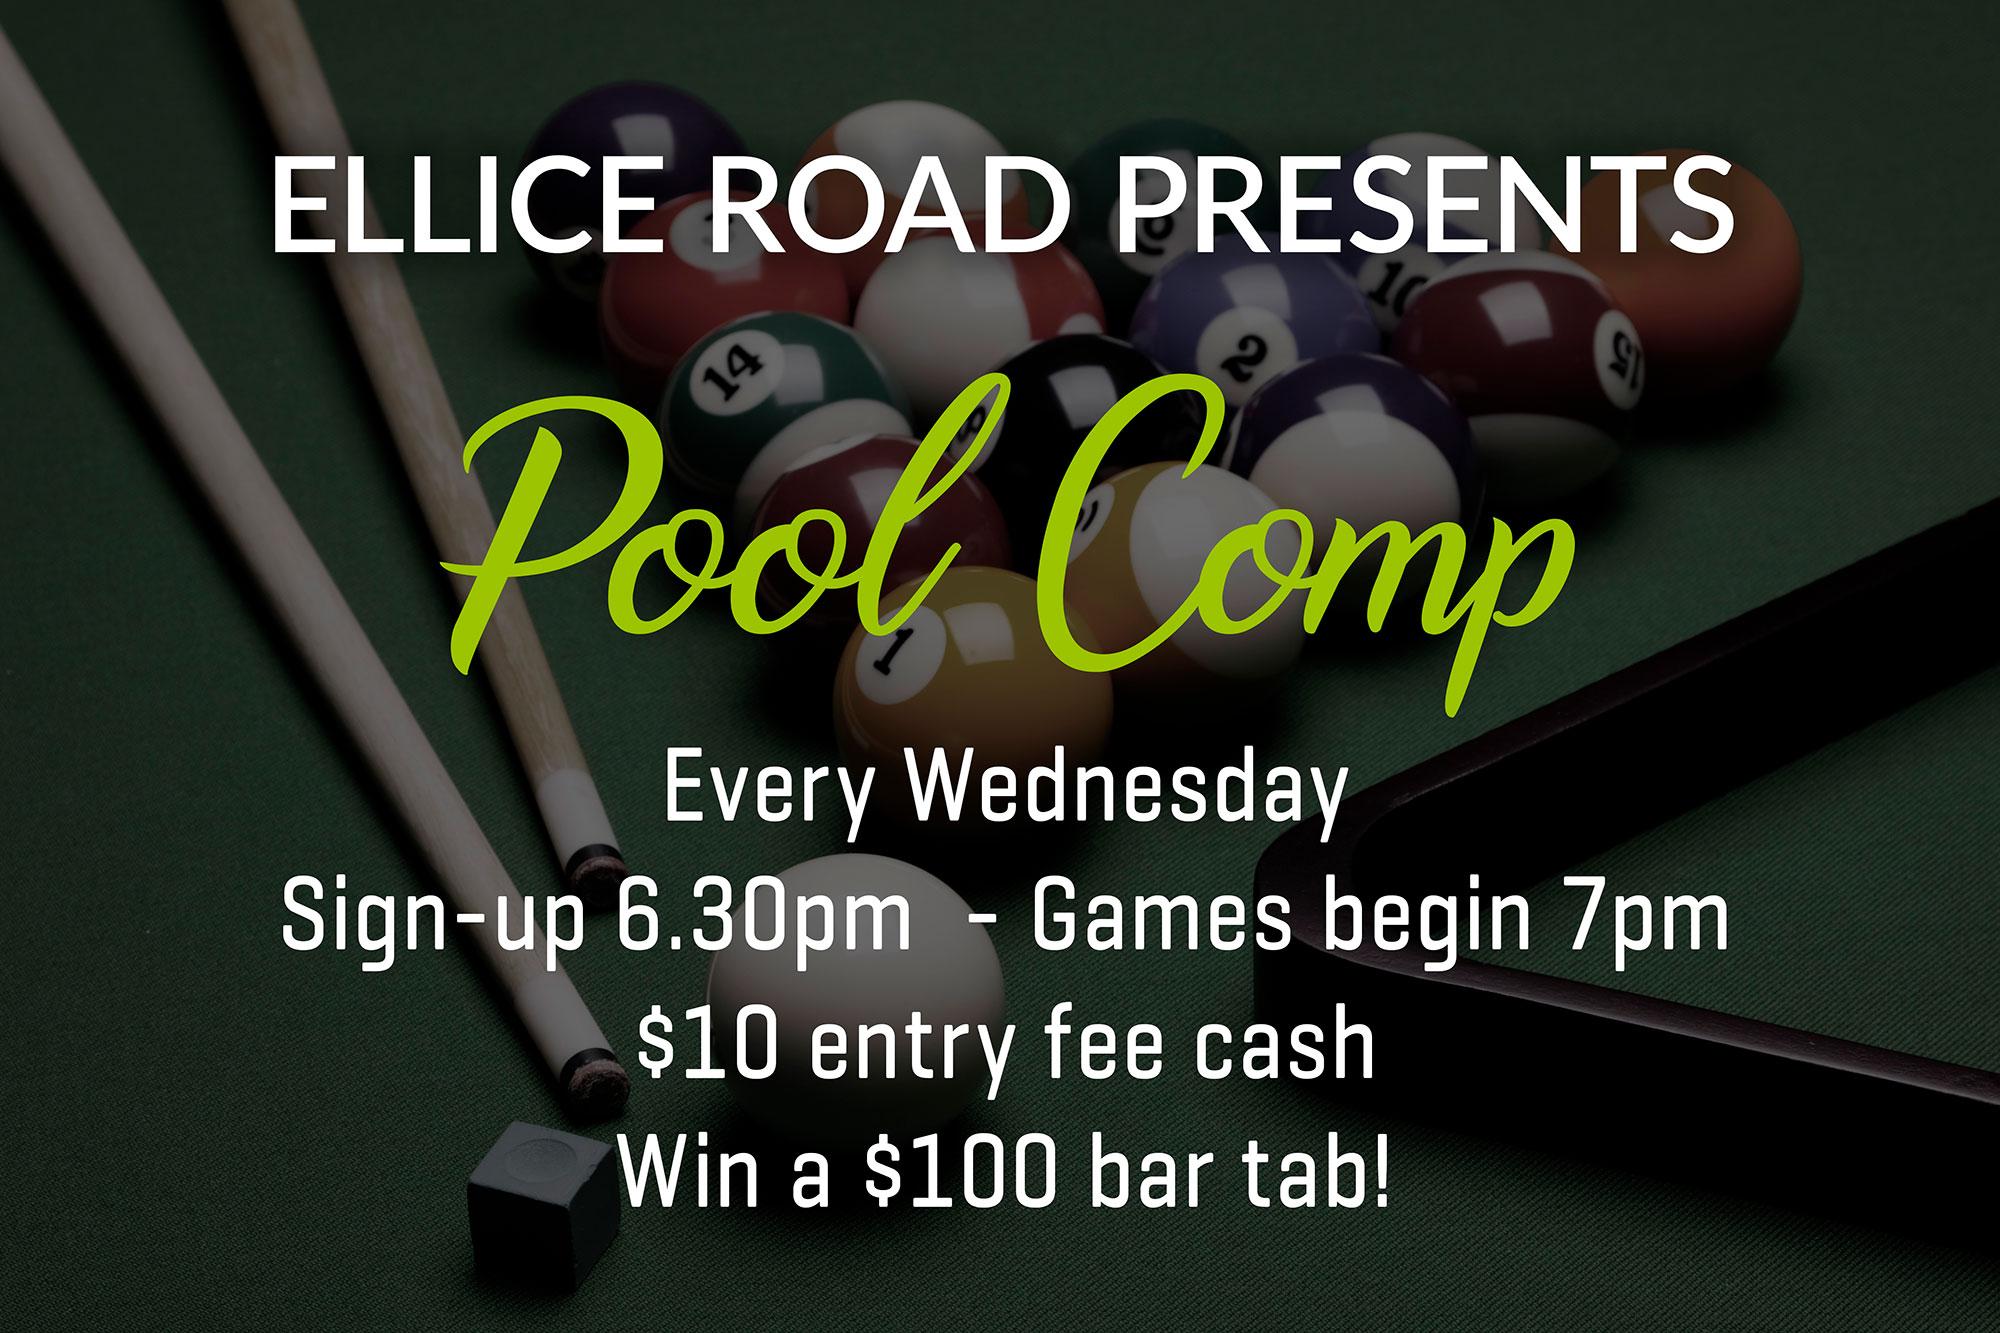 Ellice-Road-Pool-Comp.jpg